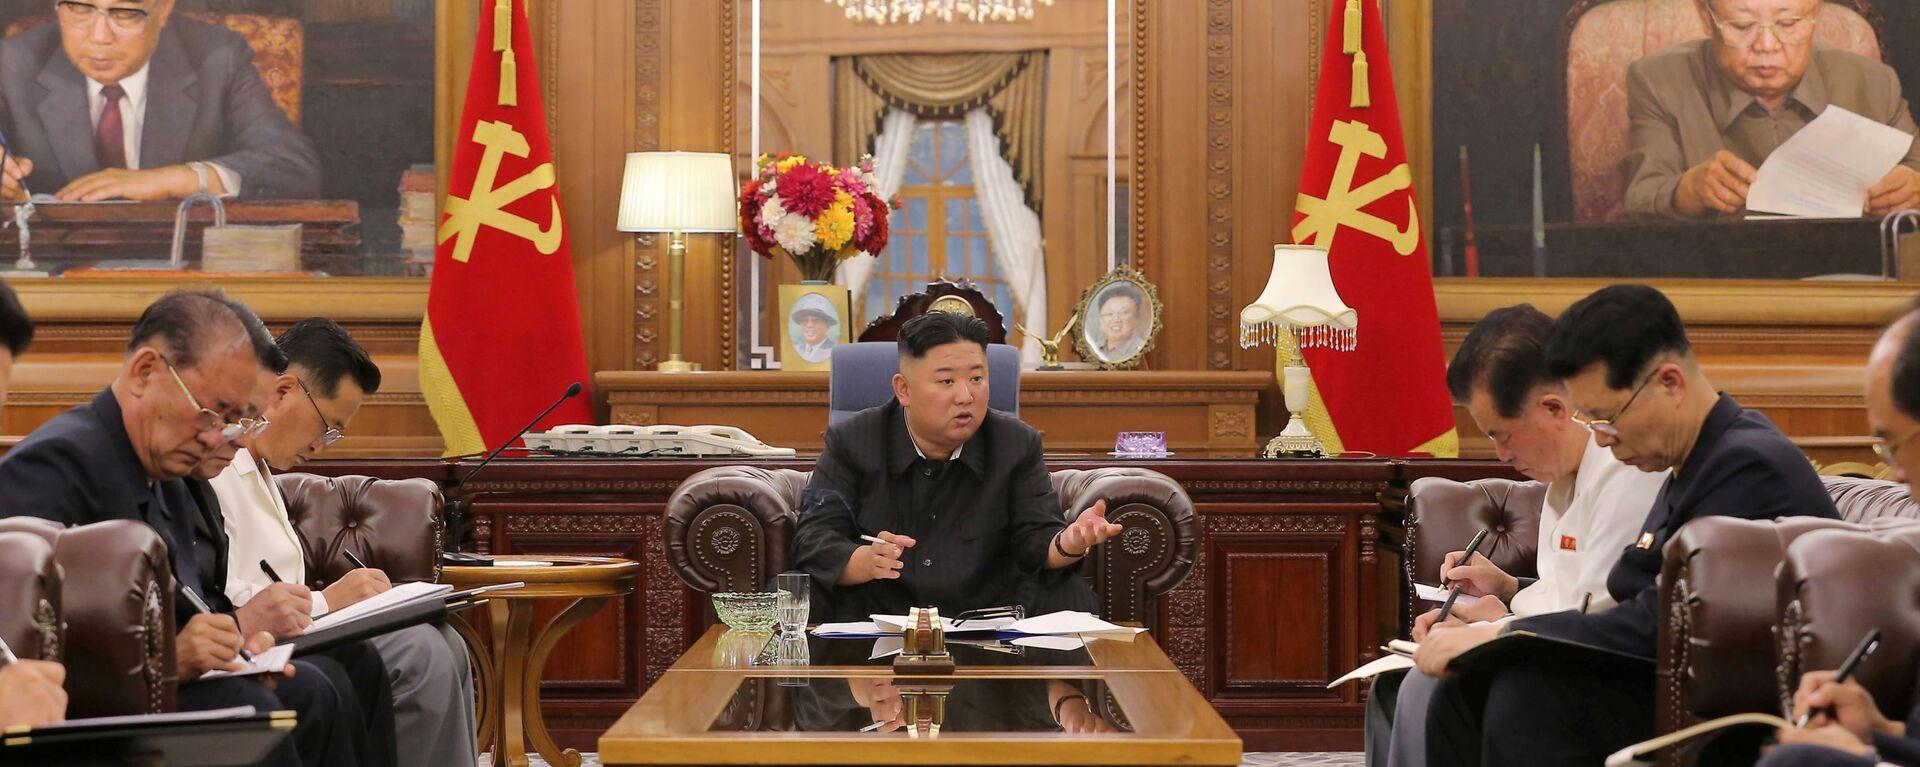 Il leader della Corea del Nord Kim Jong-un - Sputnik Italia, 1920, 13.07.2021